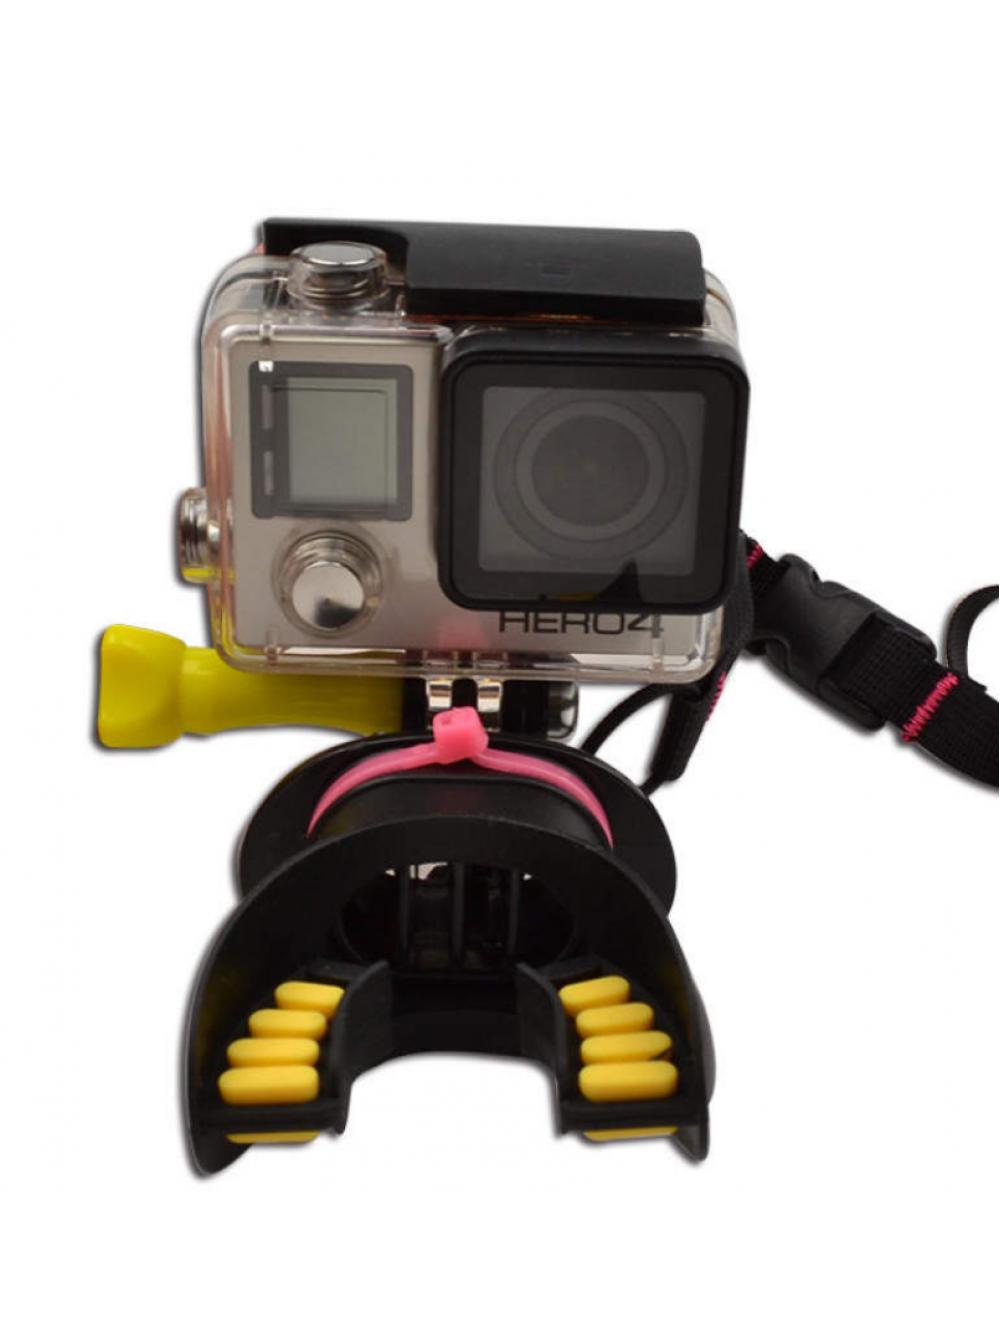 Крепление для водного спорта в зубы для GoPro / SJCAM